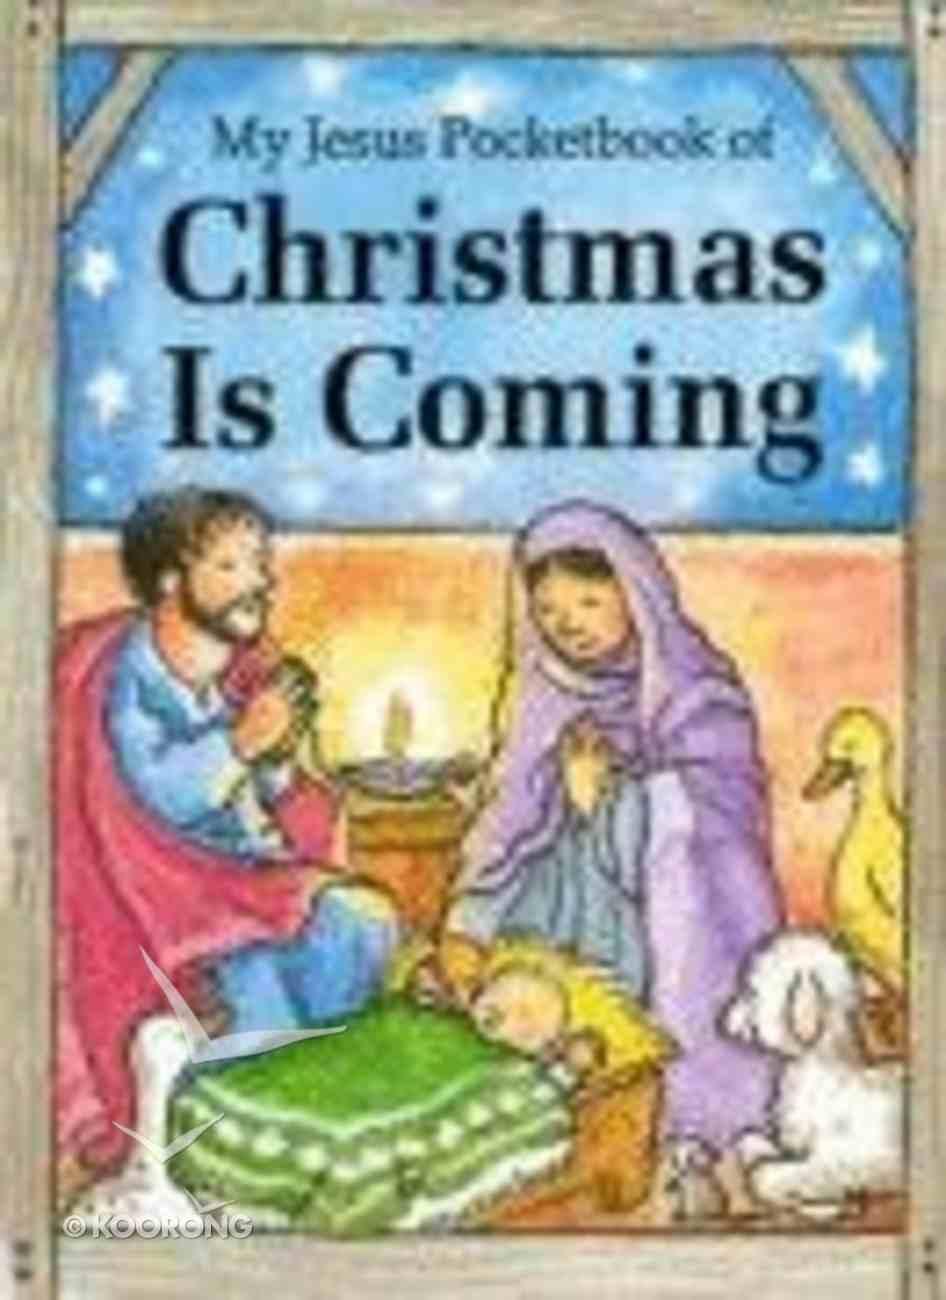 My Jesus Pocketbook of Christmas is Coming (My Jesus Pocketbook Series) Paperback